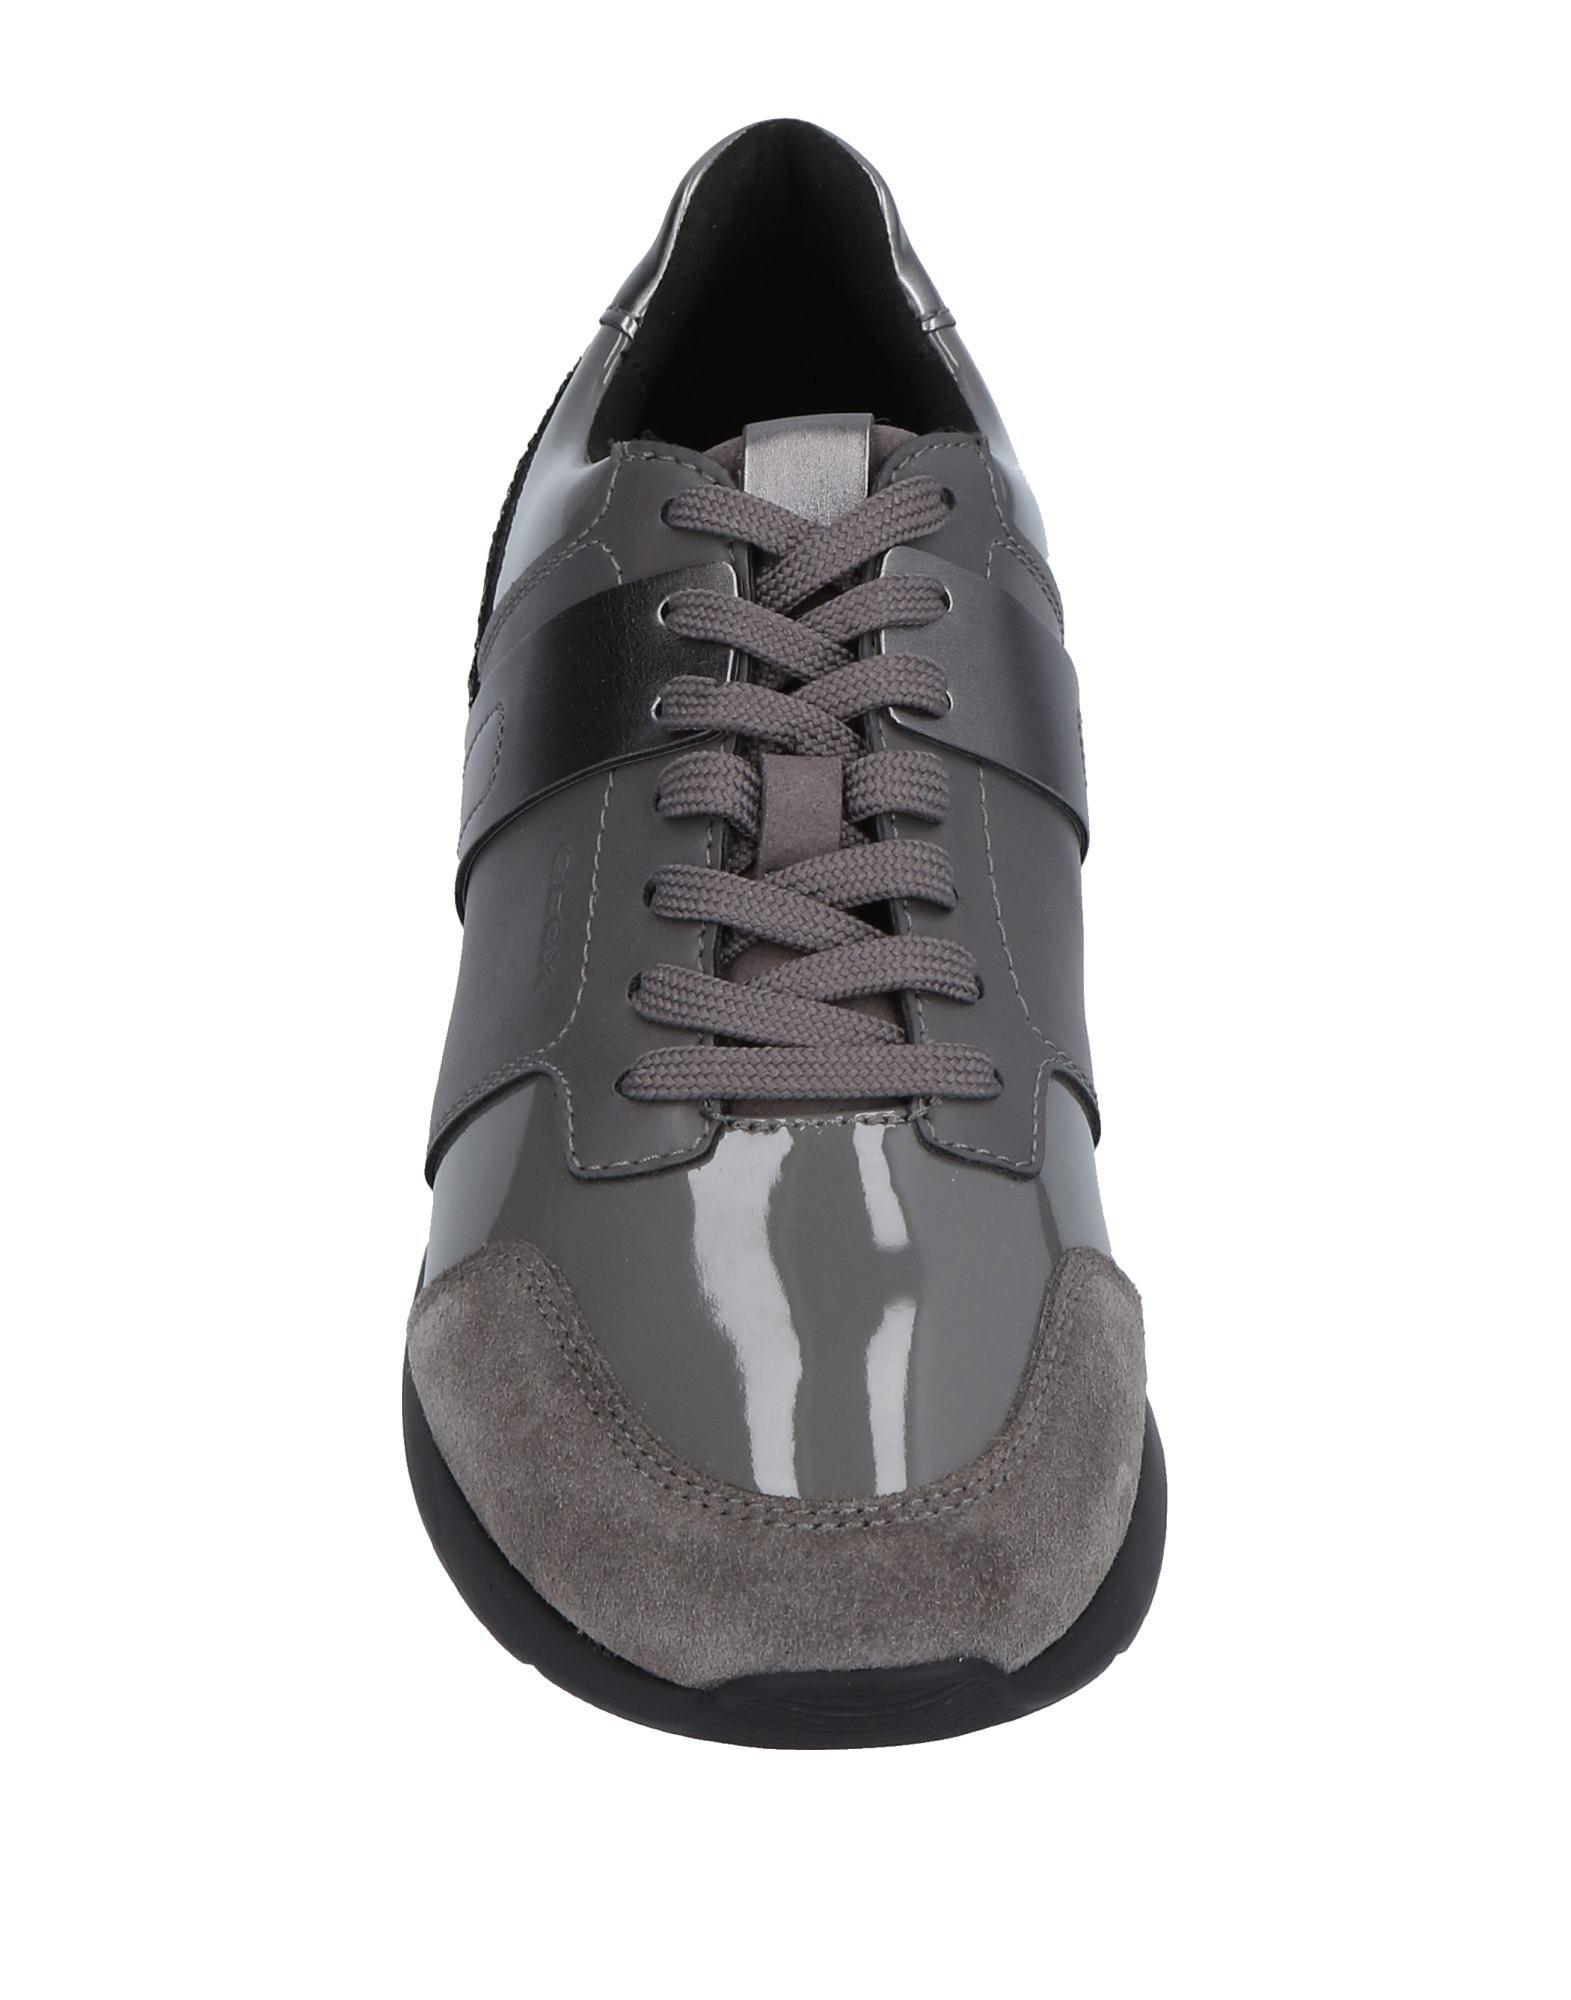 Geox Sneakers Damen  11499013EE Gute Qualität beliebte Schuhe Schuhe Schuhe 641cef